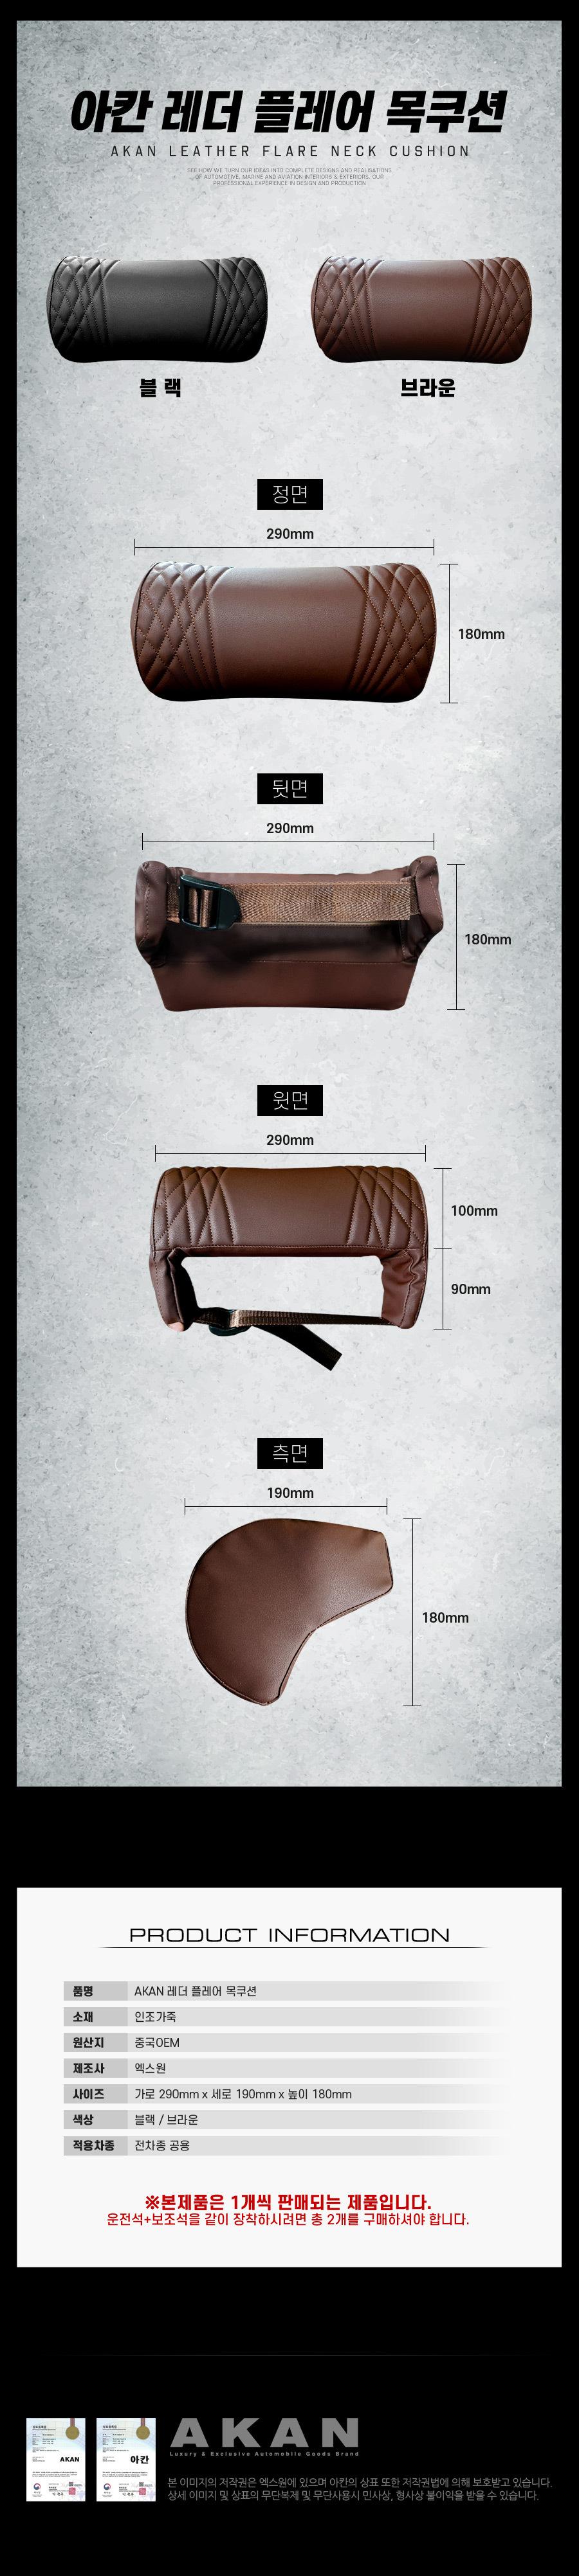 leather-flare-neck-cushion_08.jpg